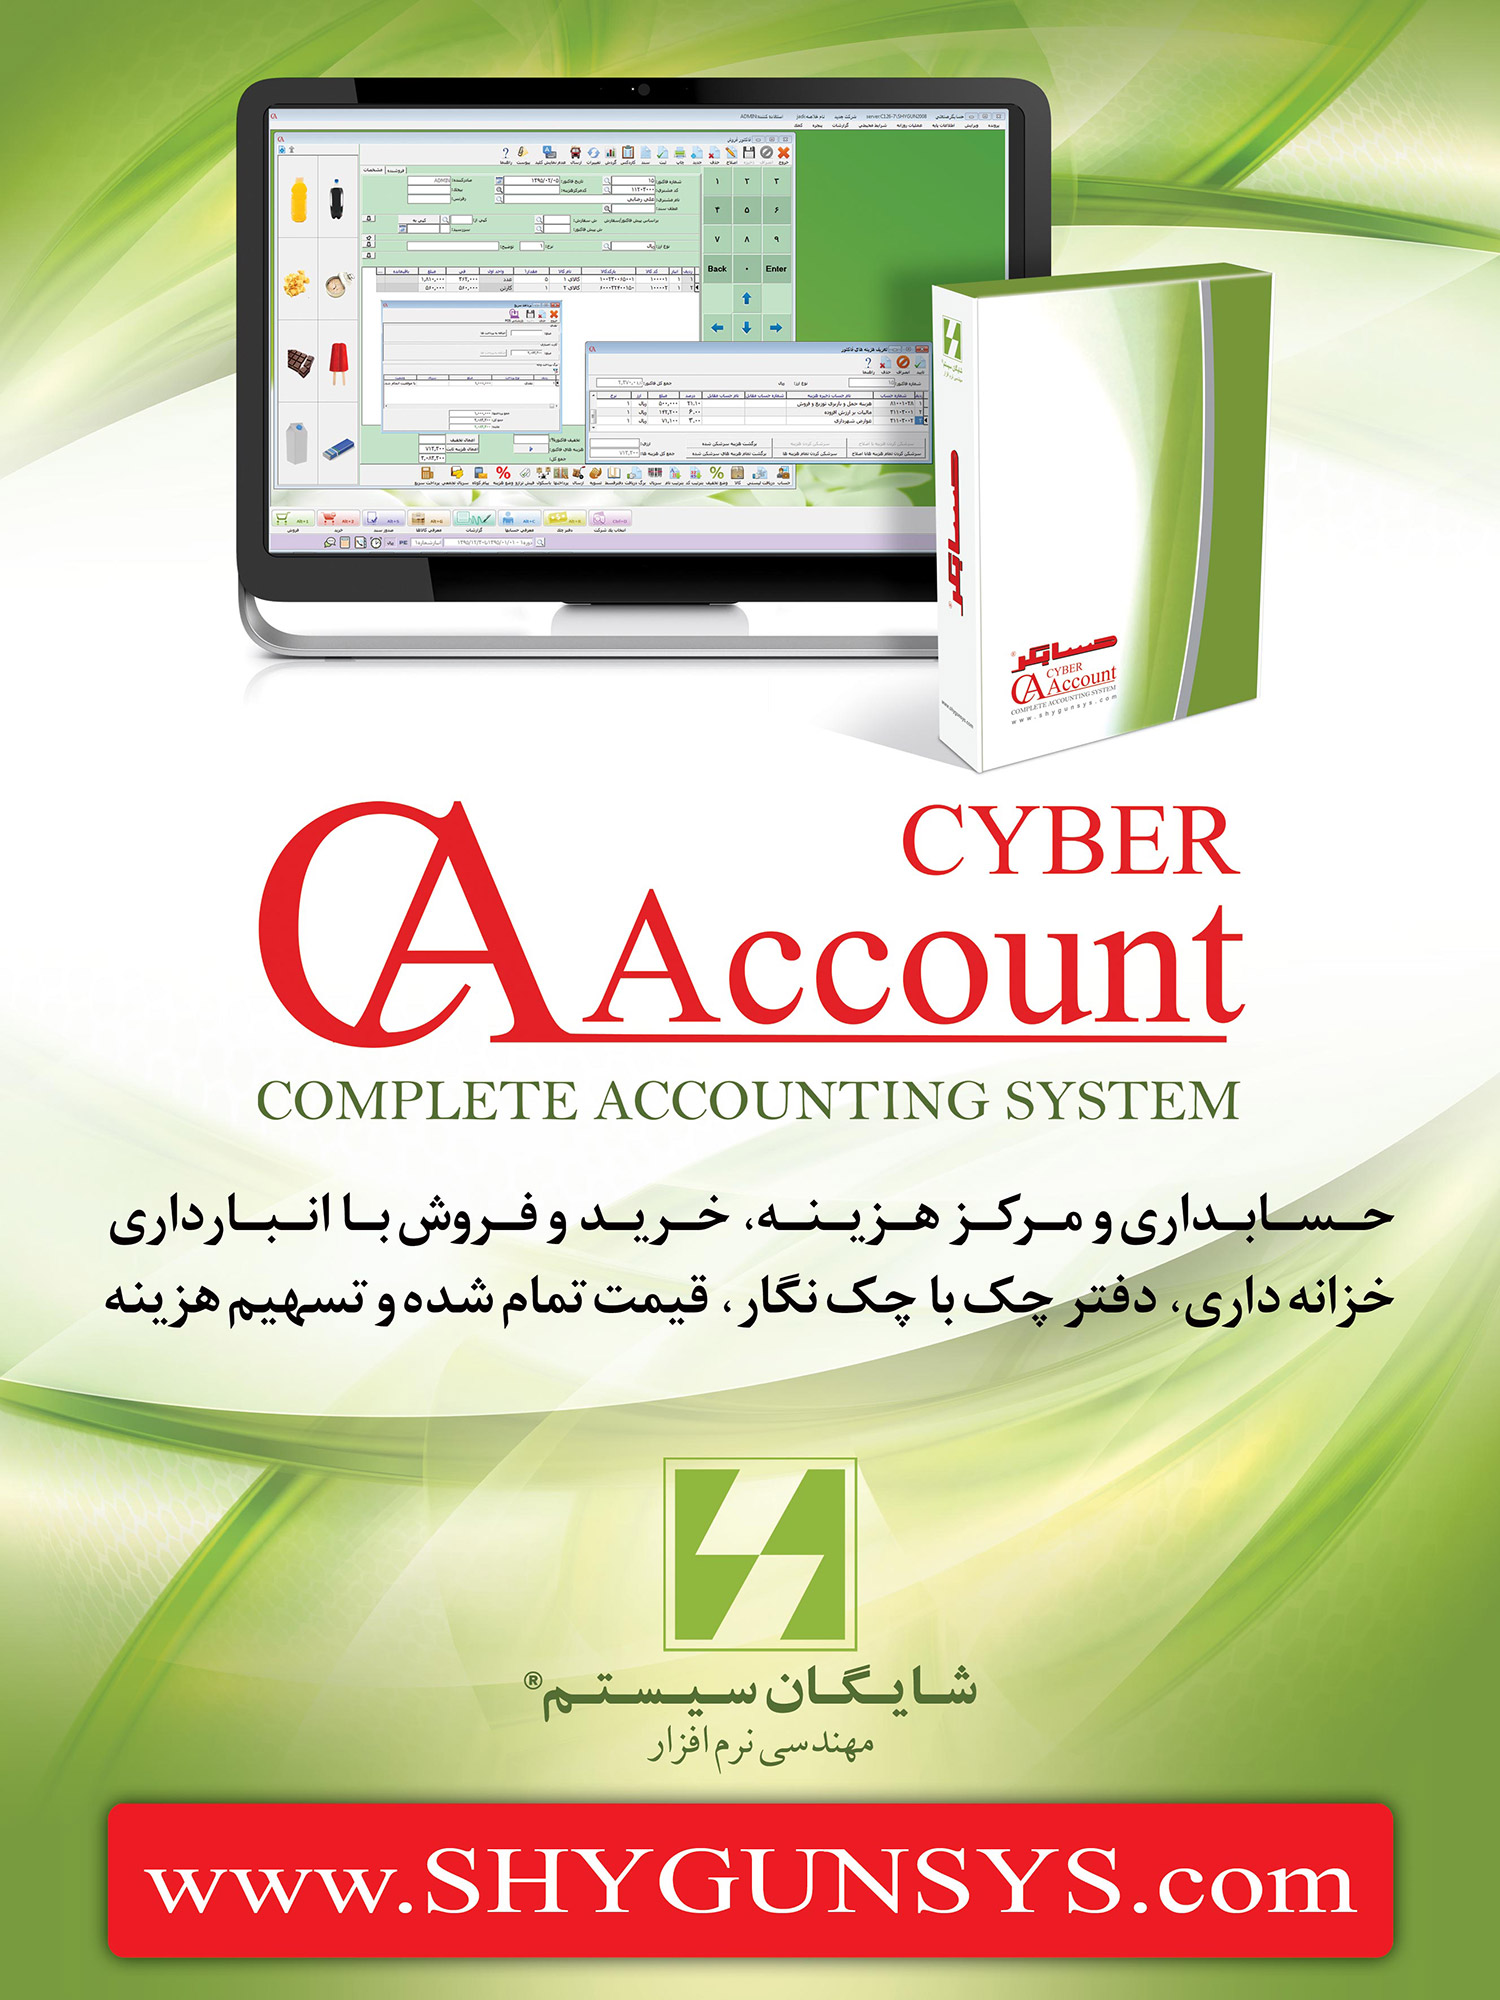 نرمافزار حسابگر محصول شرکت شایگان سیستم